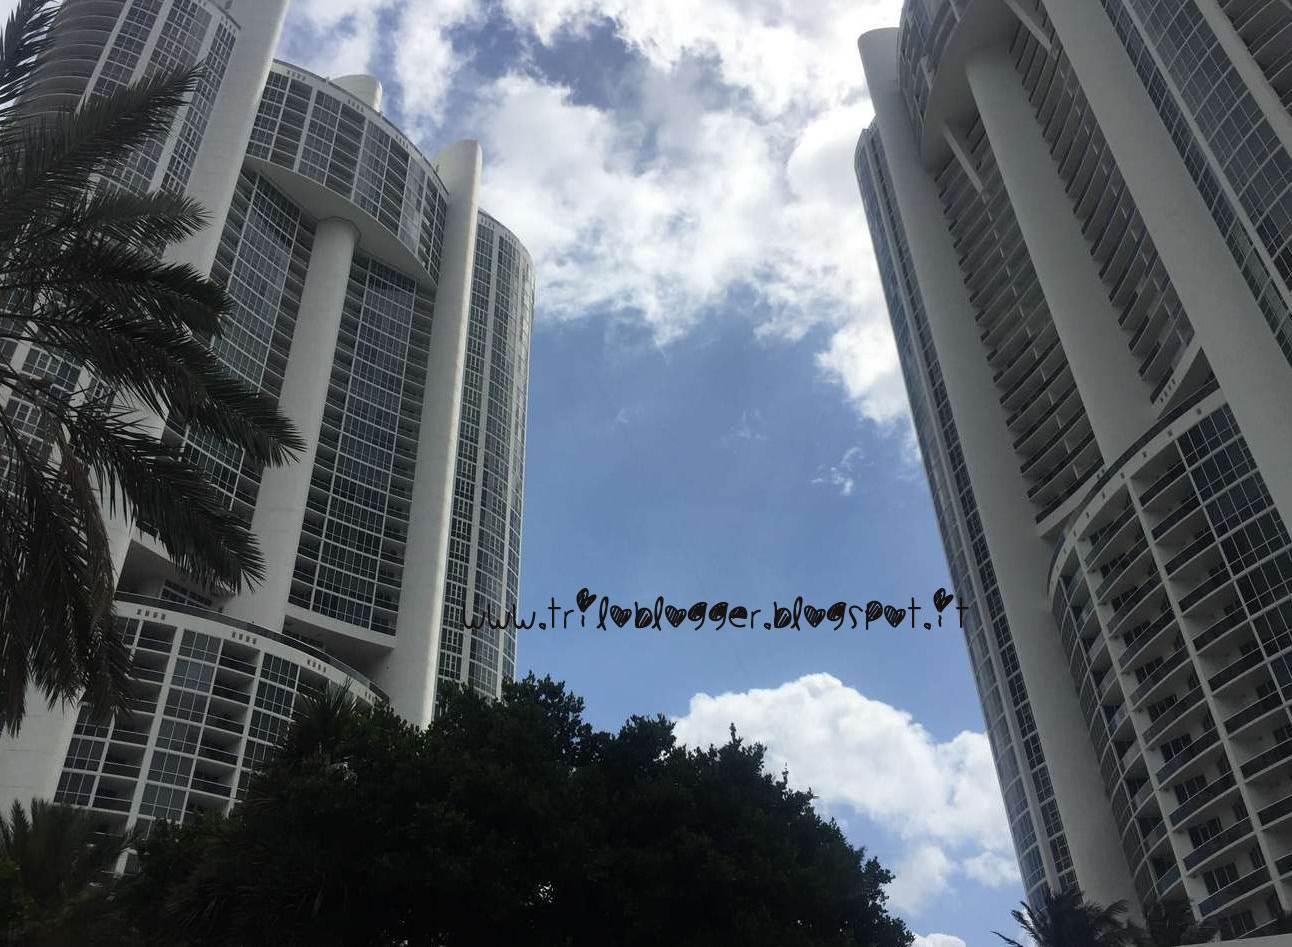 Incontri a Miami Blog